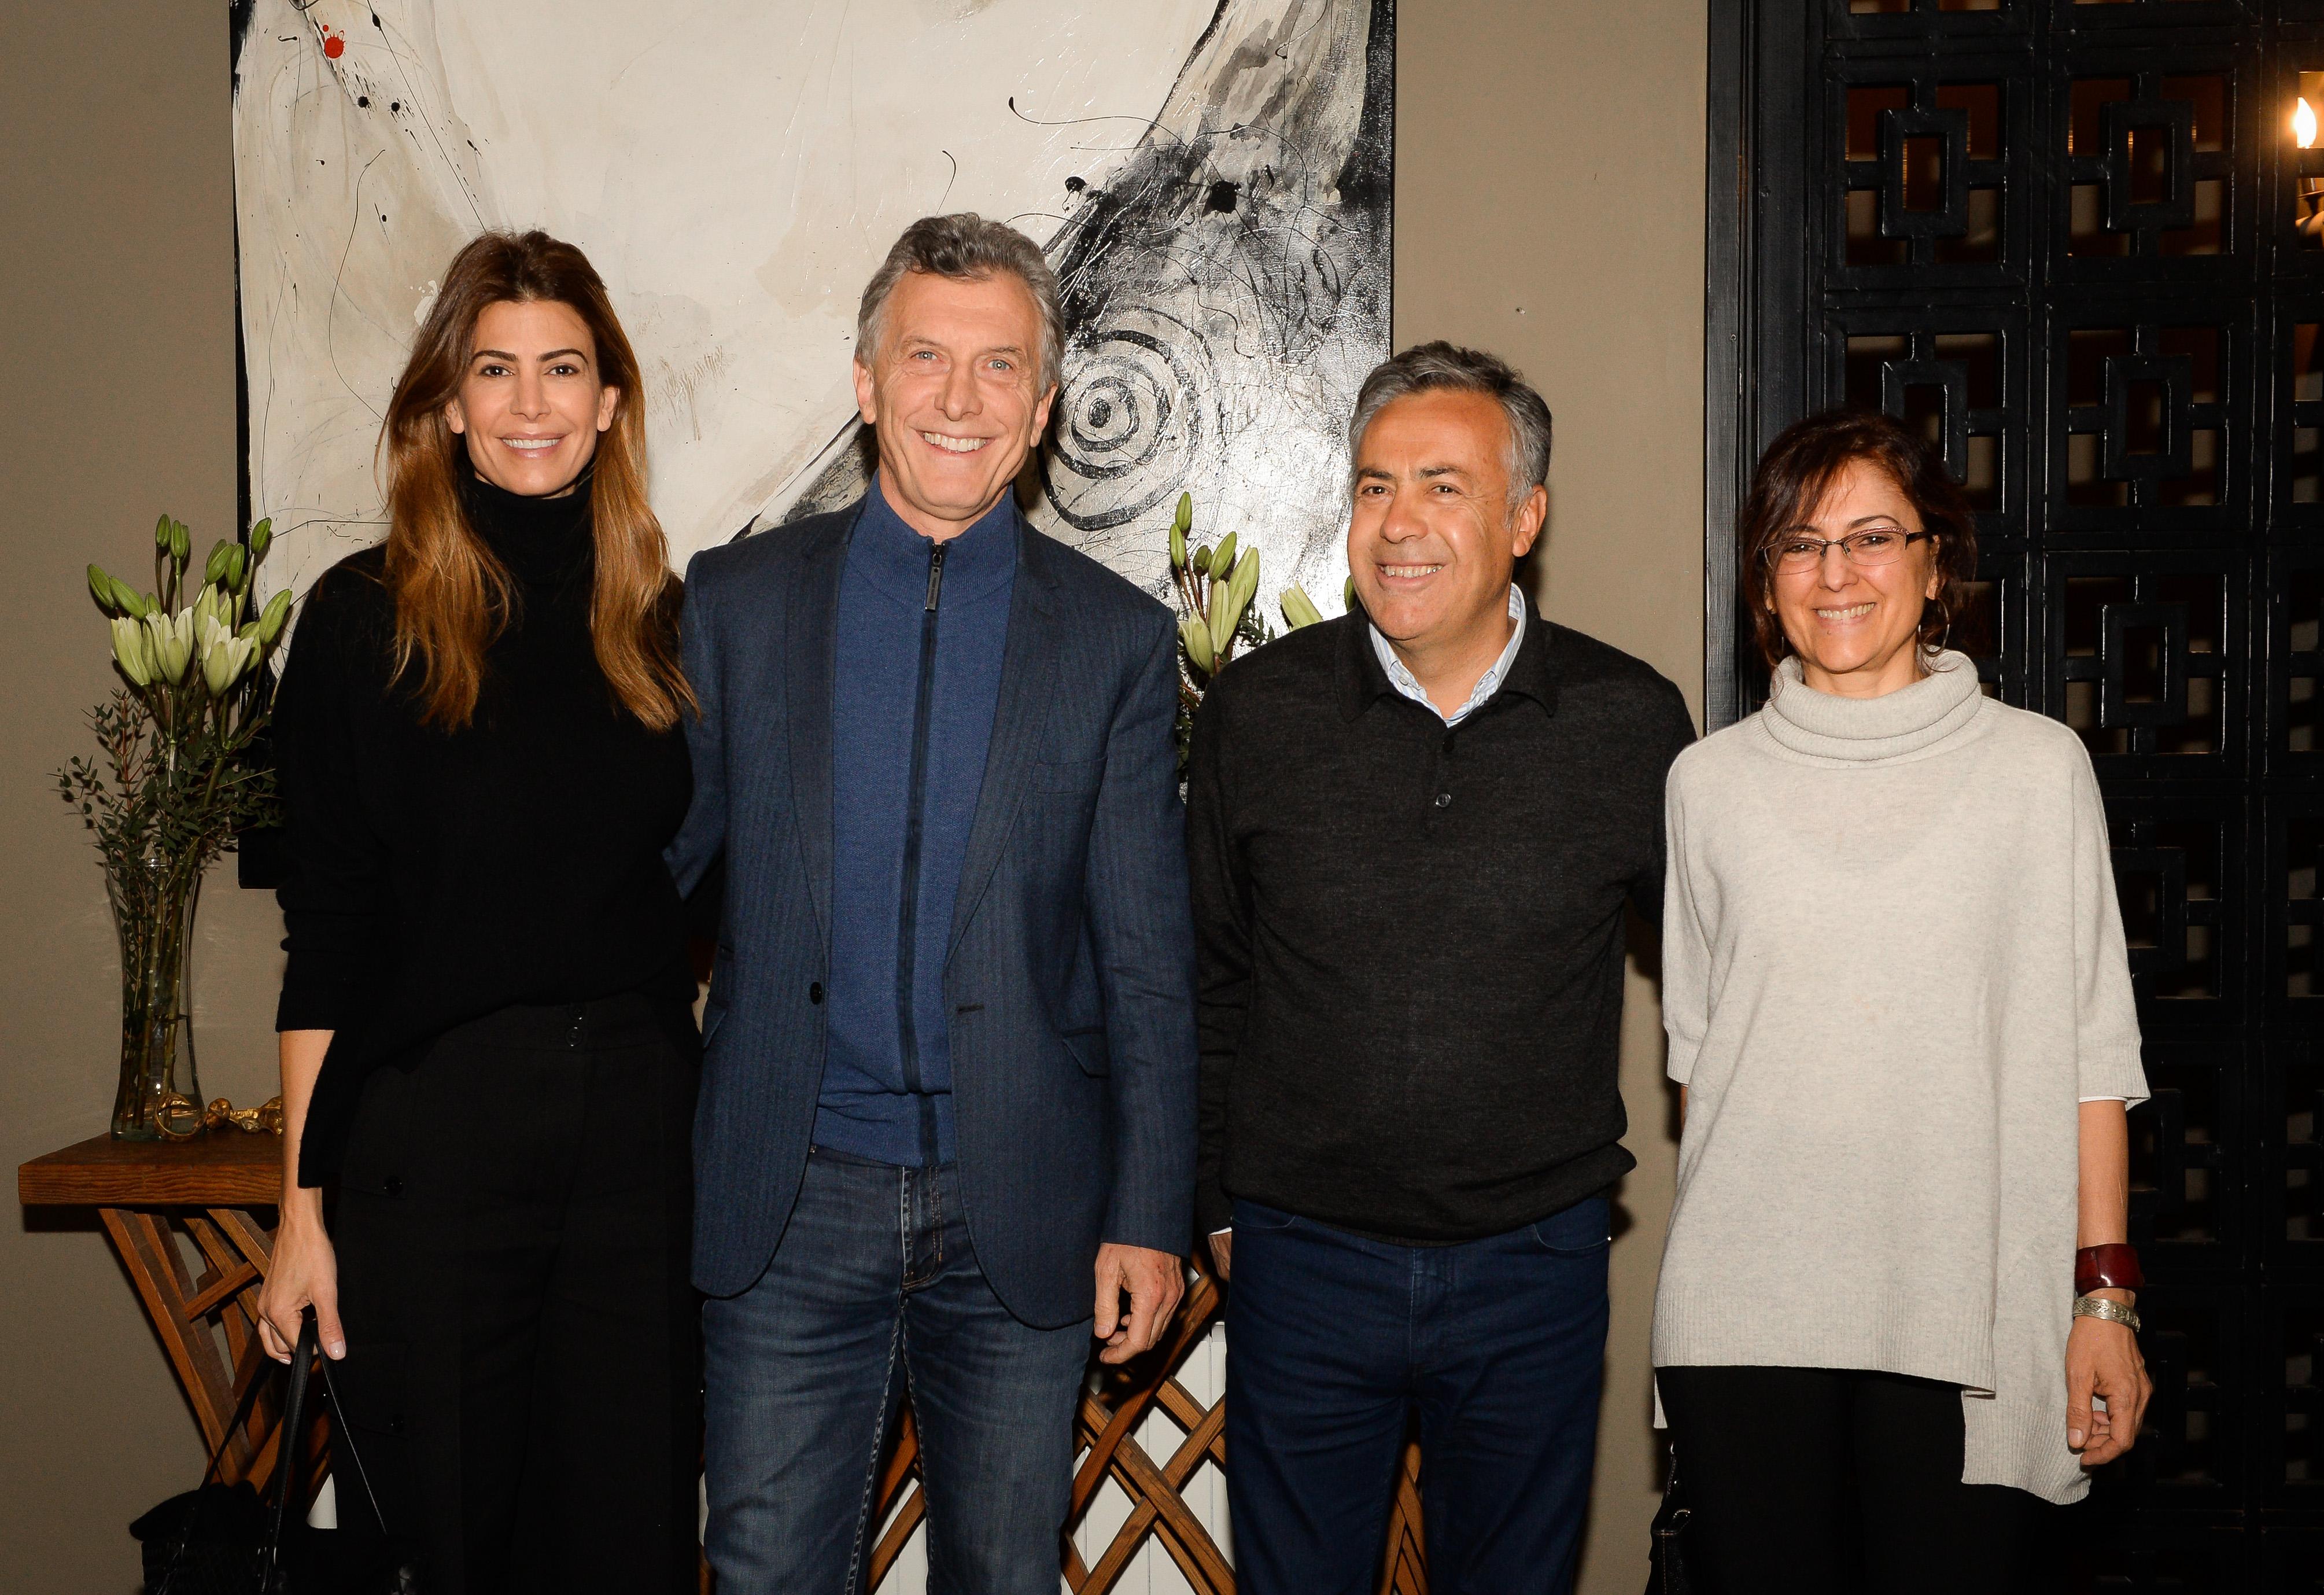 El Presidente Macri compartió una cena con el gobernador de Mendoza, Alfredo Cornejo.